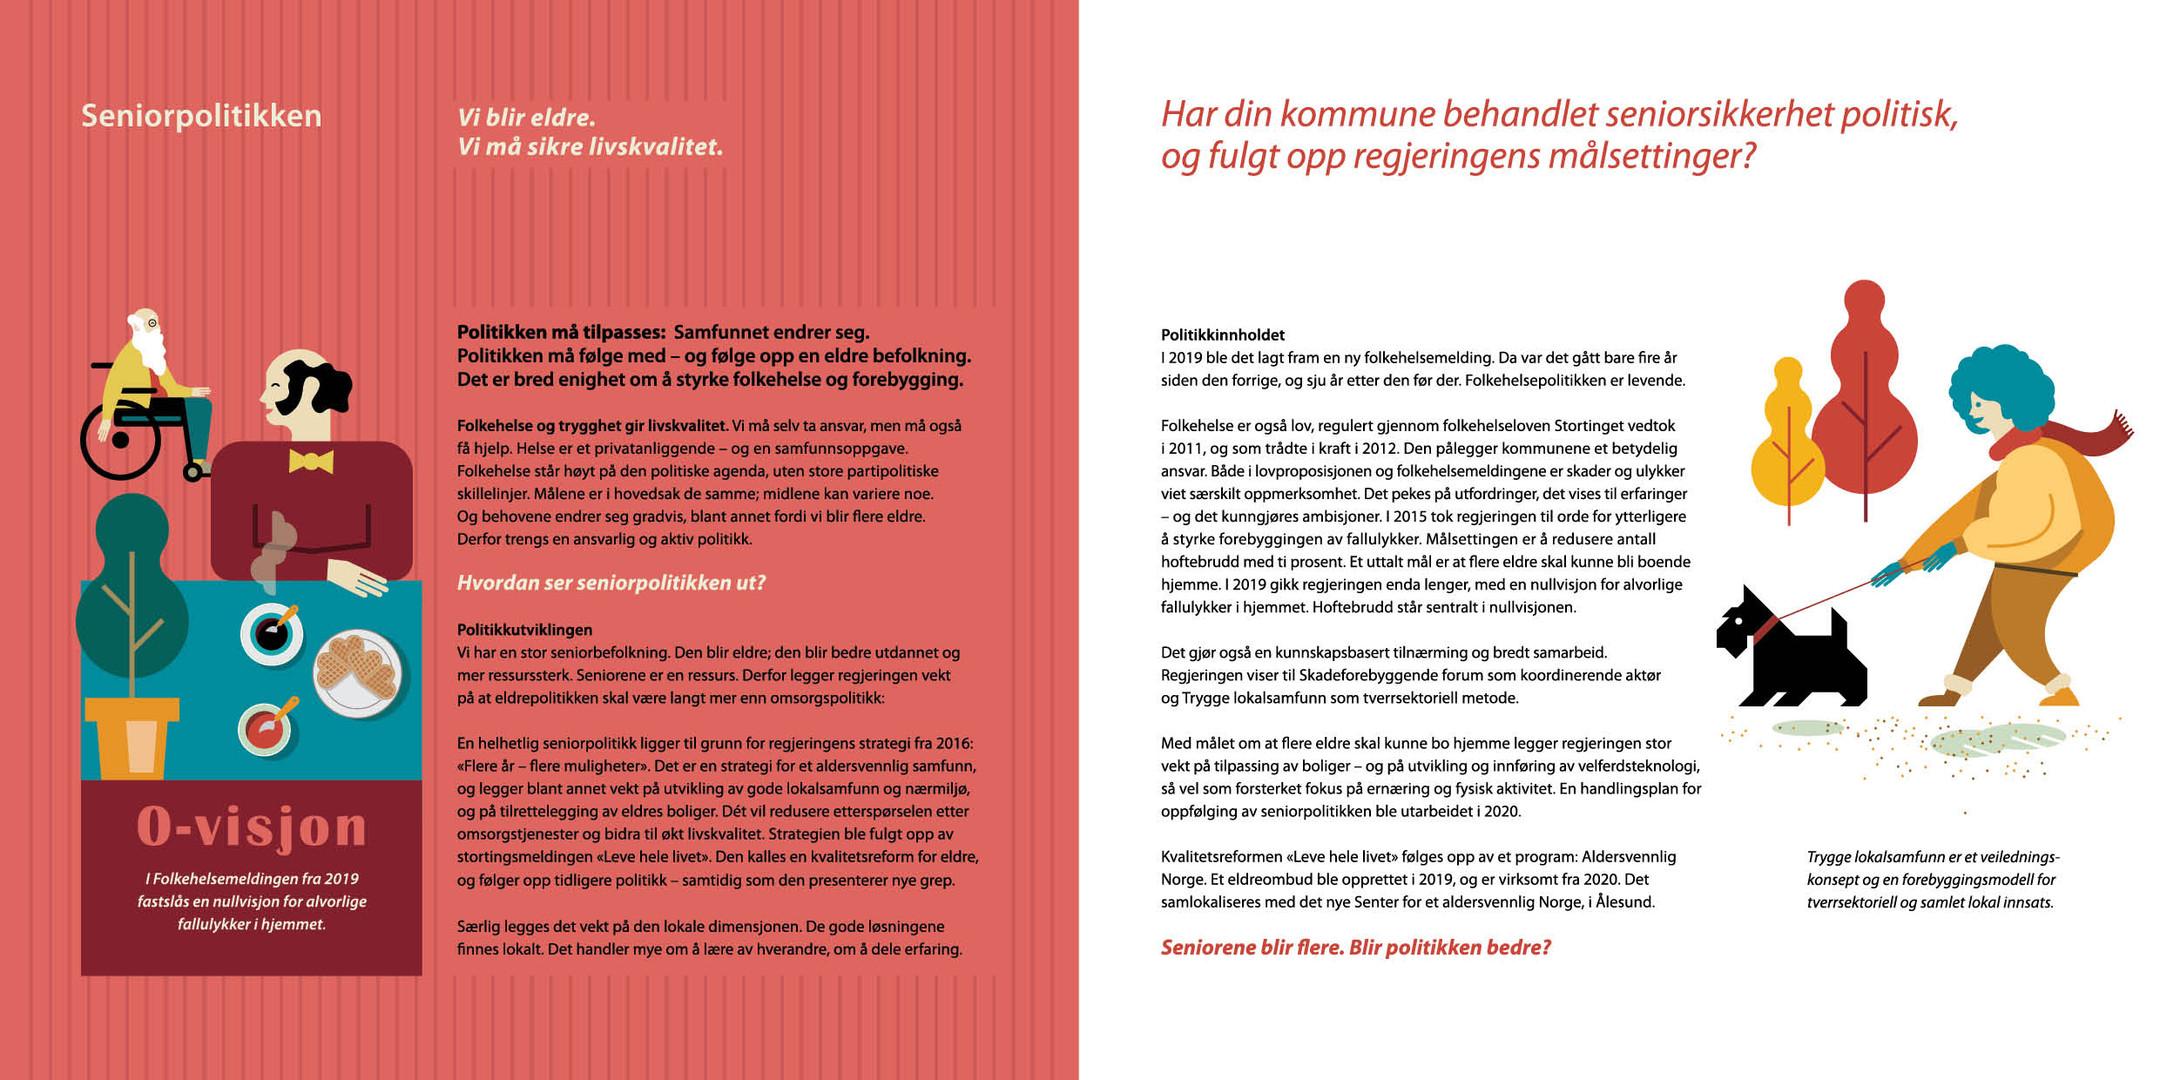 Seniorpolitikken_til 2Mindweb.jpg